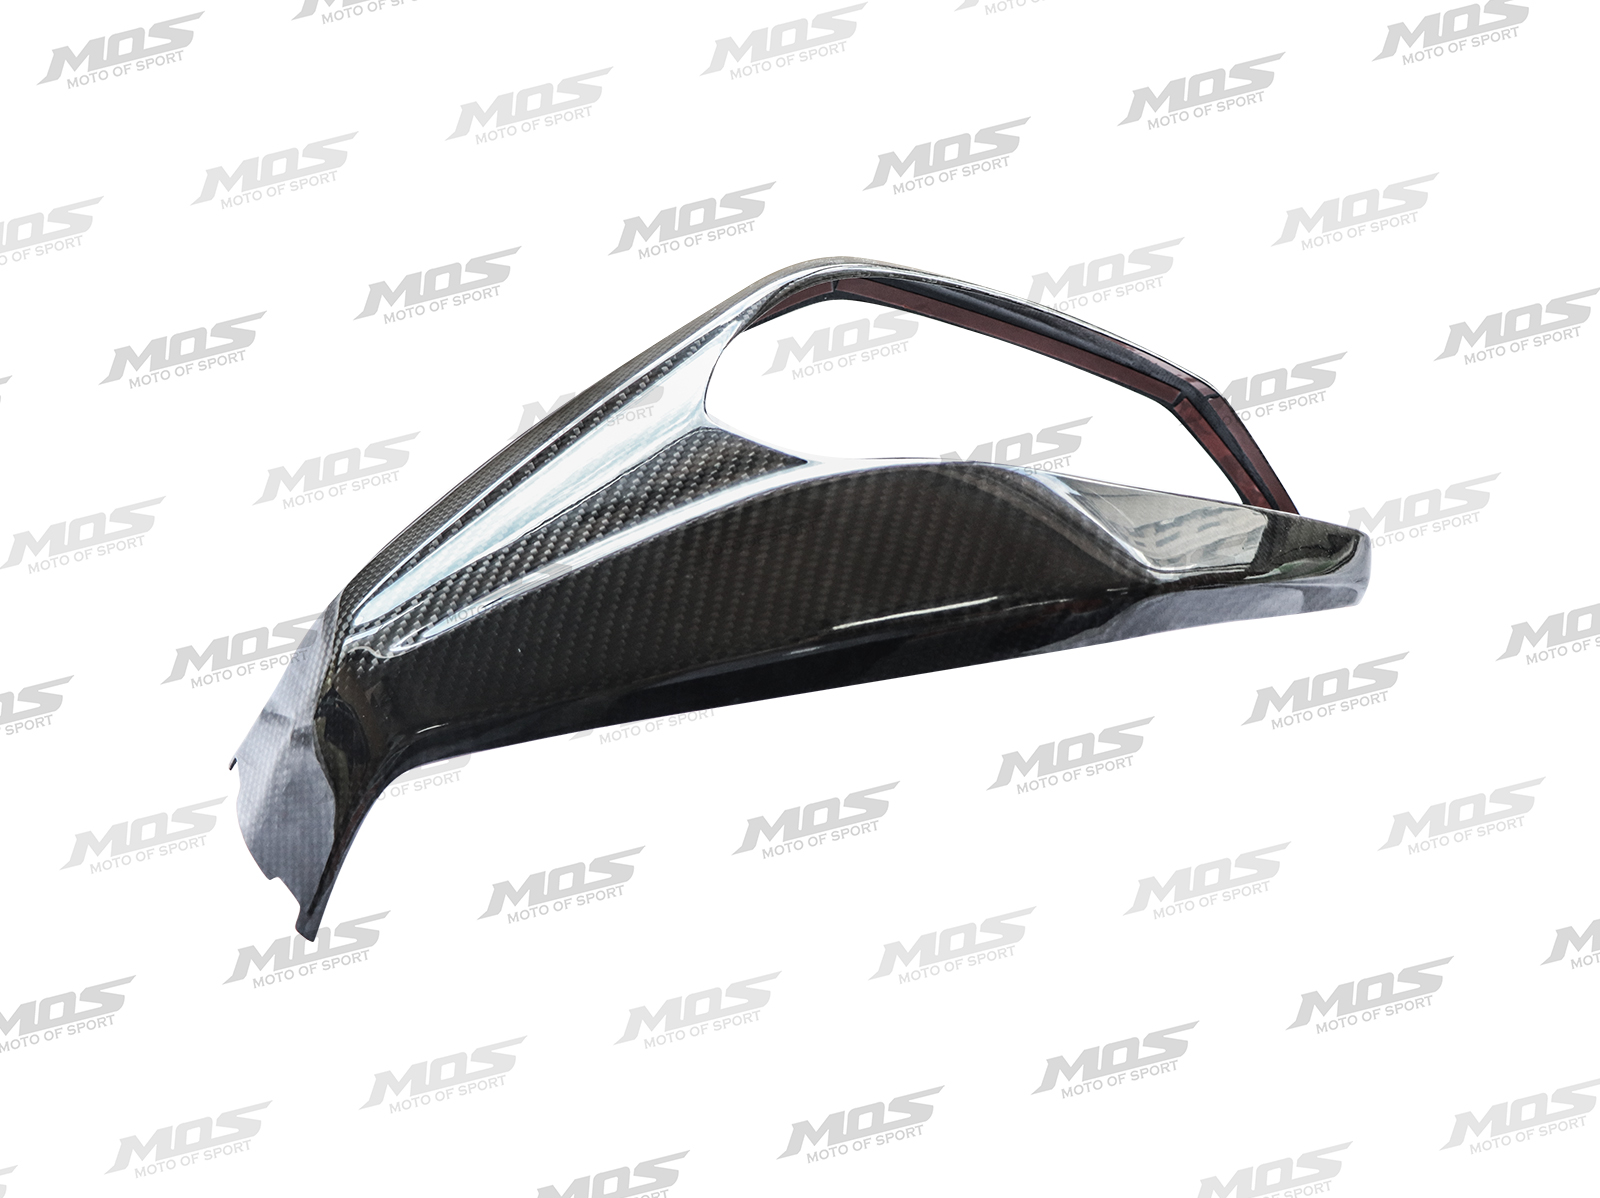 New Carbon Fiber Fuel Tank Cover Set for Yamaha MT-15 / M-Slaz / Xabre  EQ56